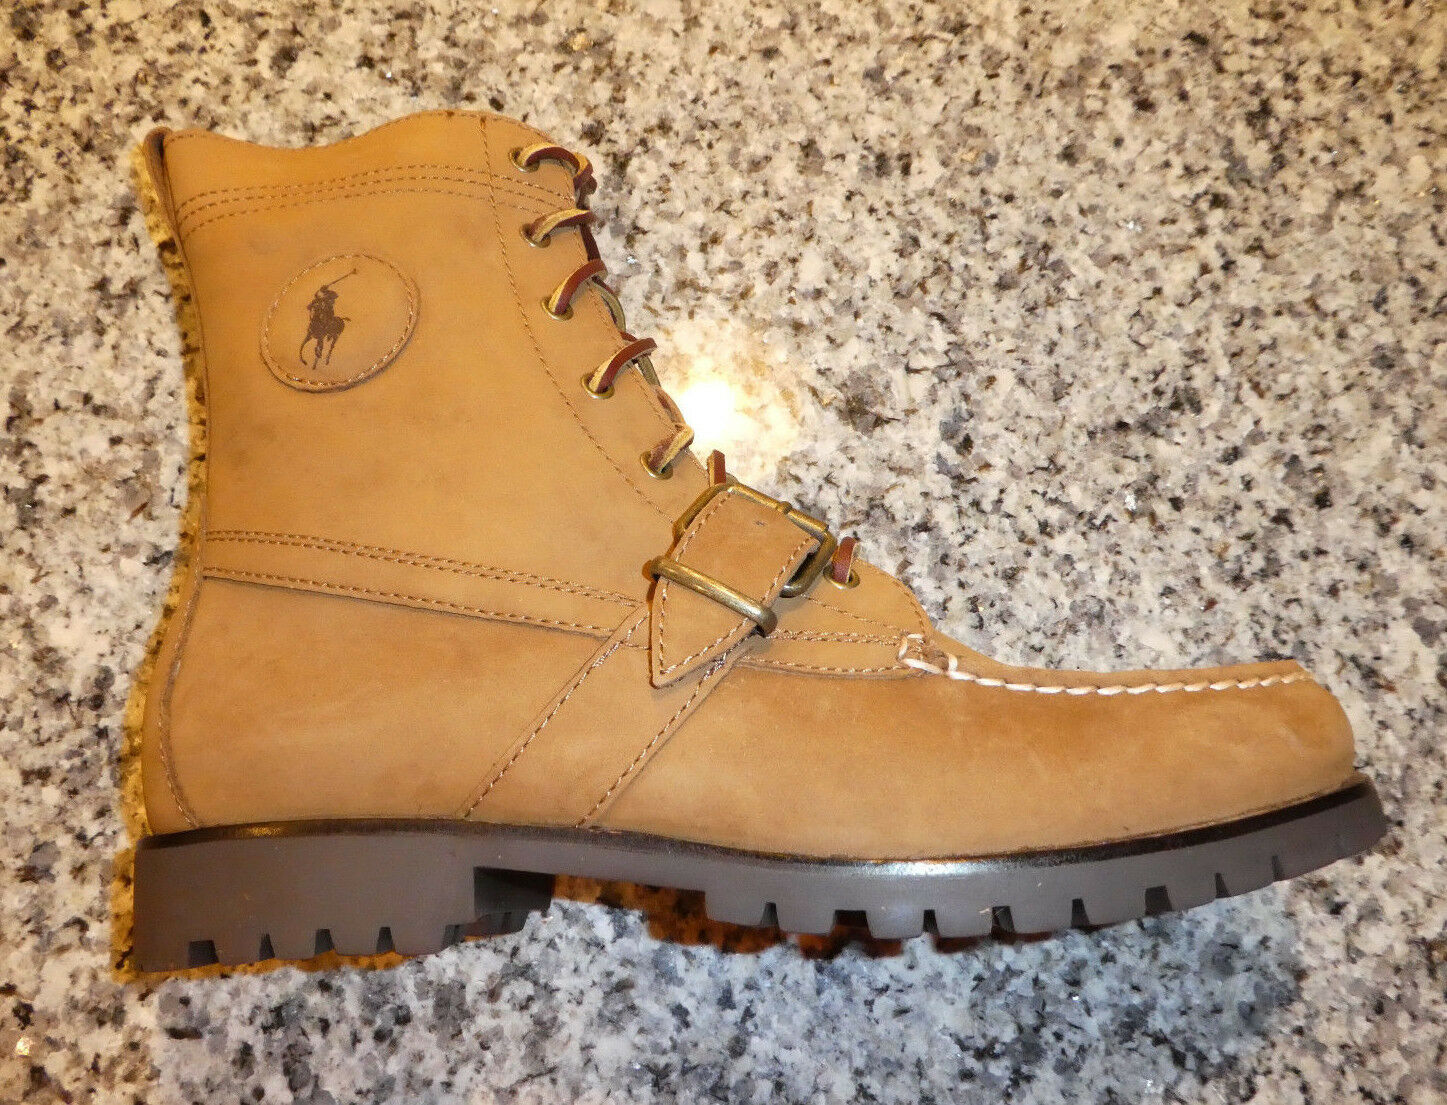 Mens Polo Ralph Lauren Ranger boots new tan